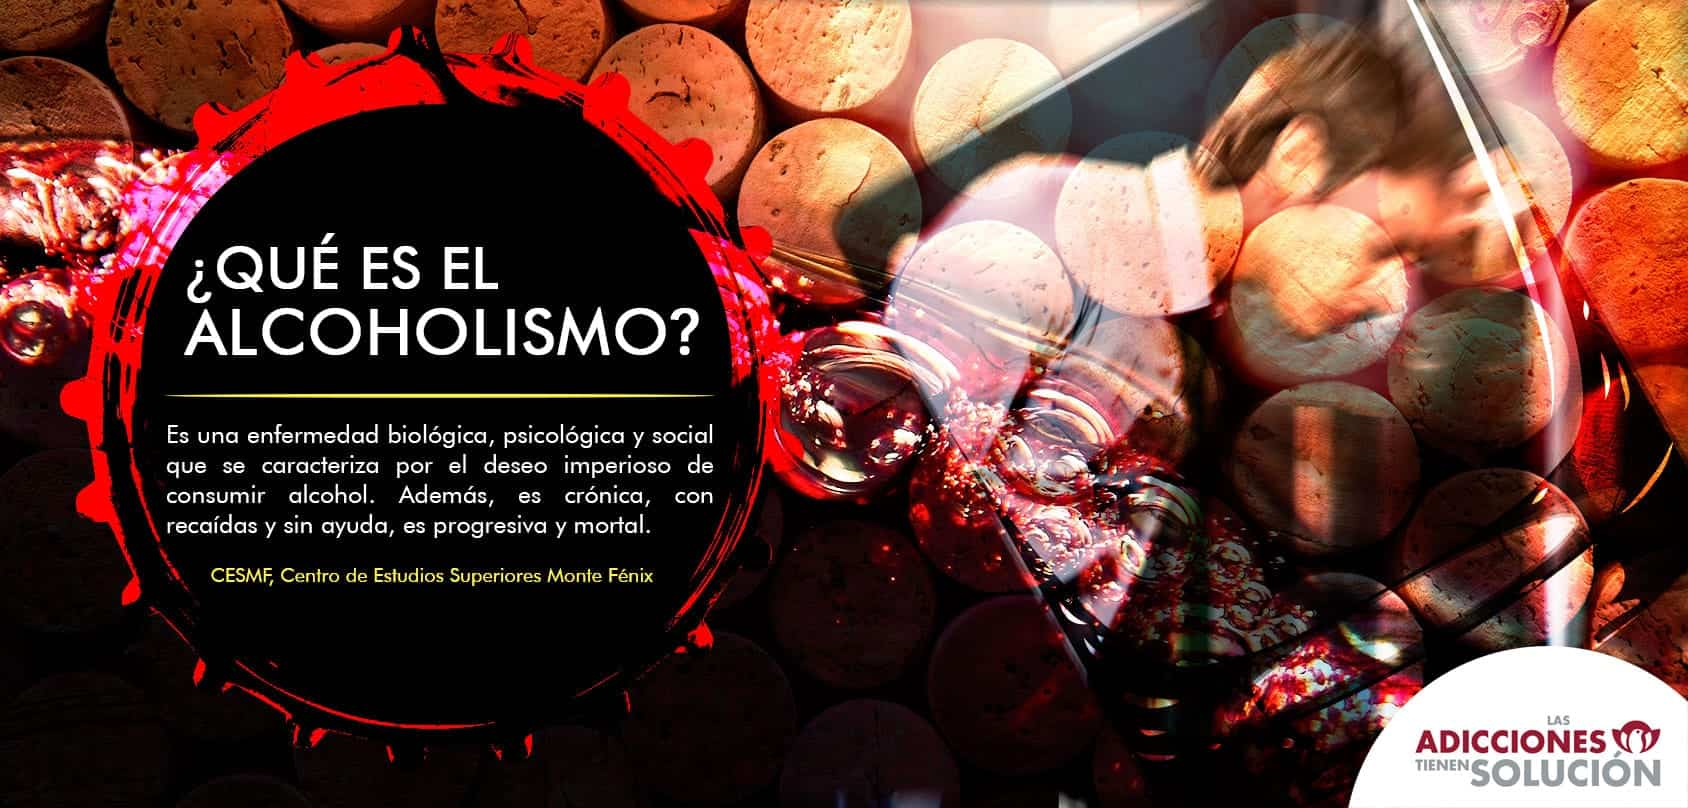 La codificación del alcoholismo en cherepovtse el precio